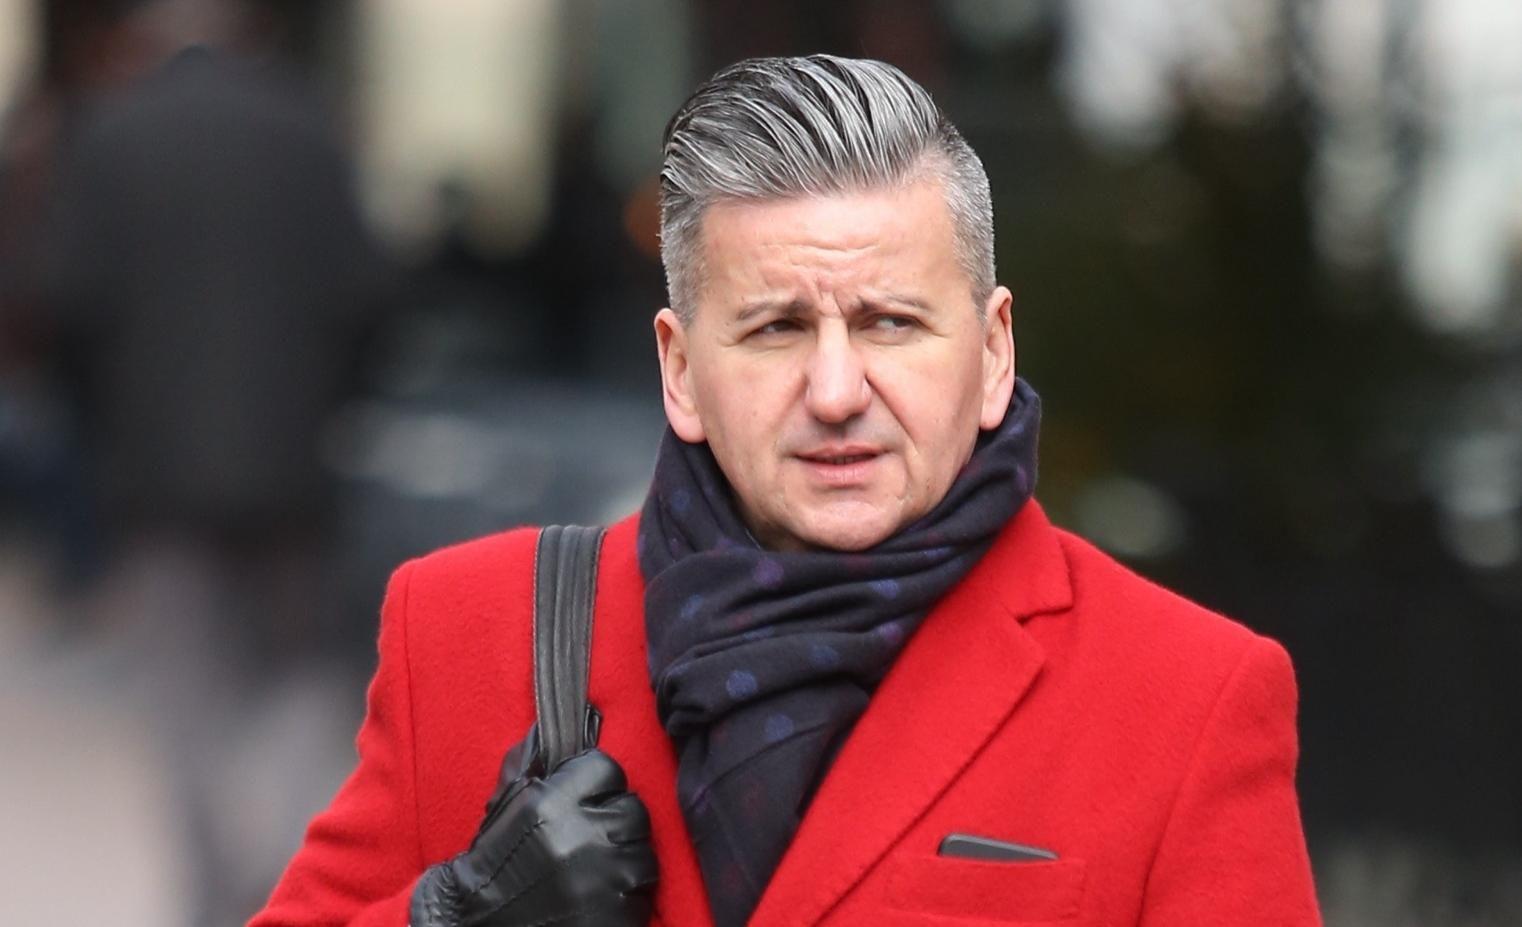 Mislili ste da muškarci ne mogu nositi crveni kaput? On je dokaz da može izgledati odlično!